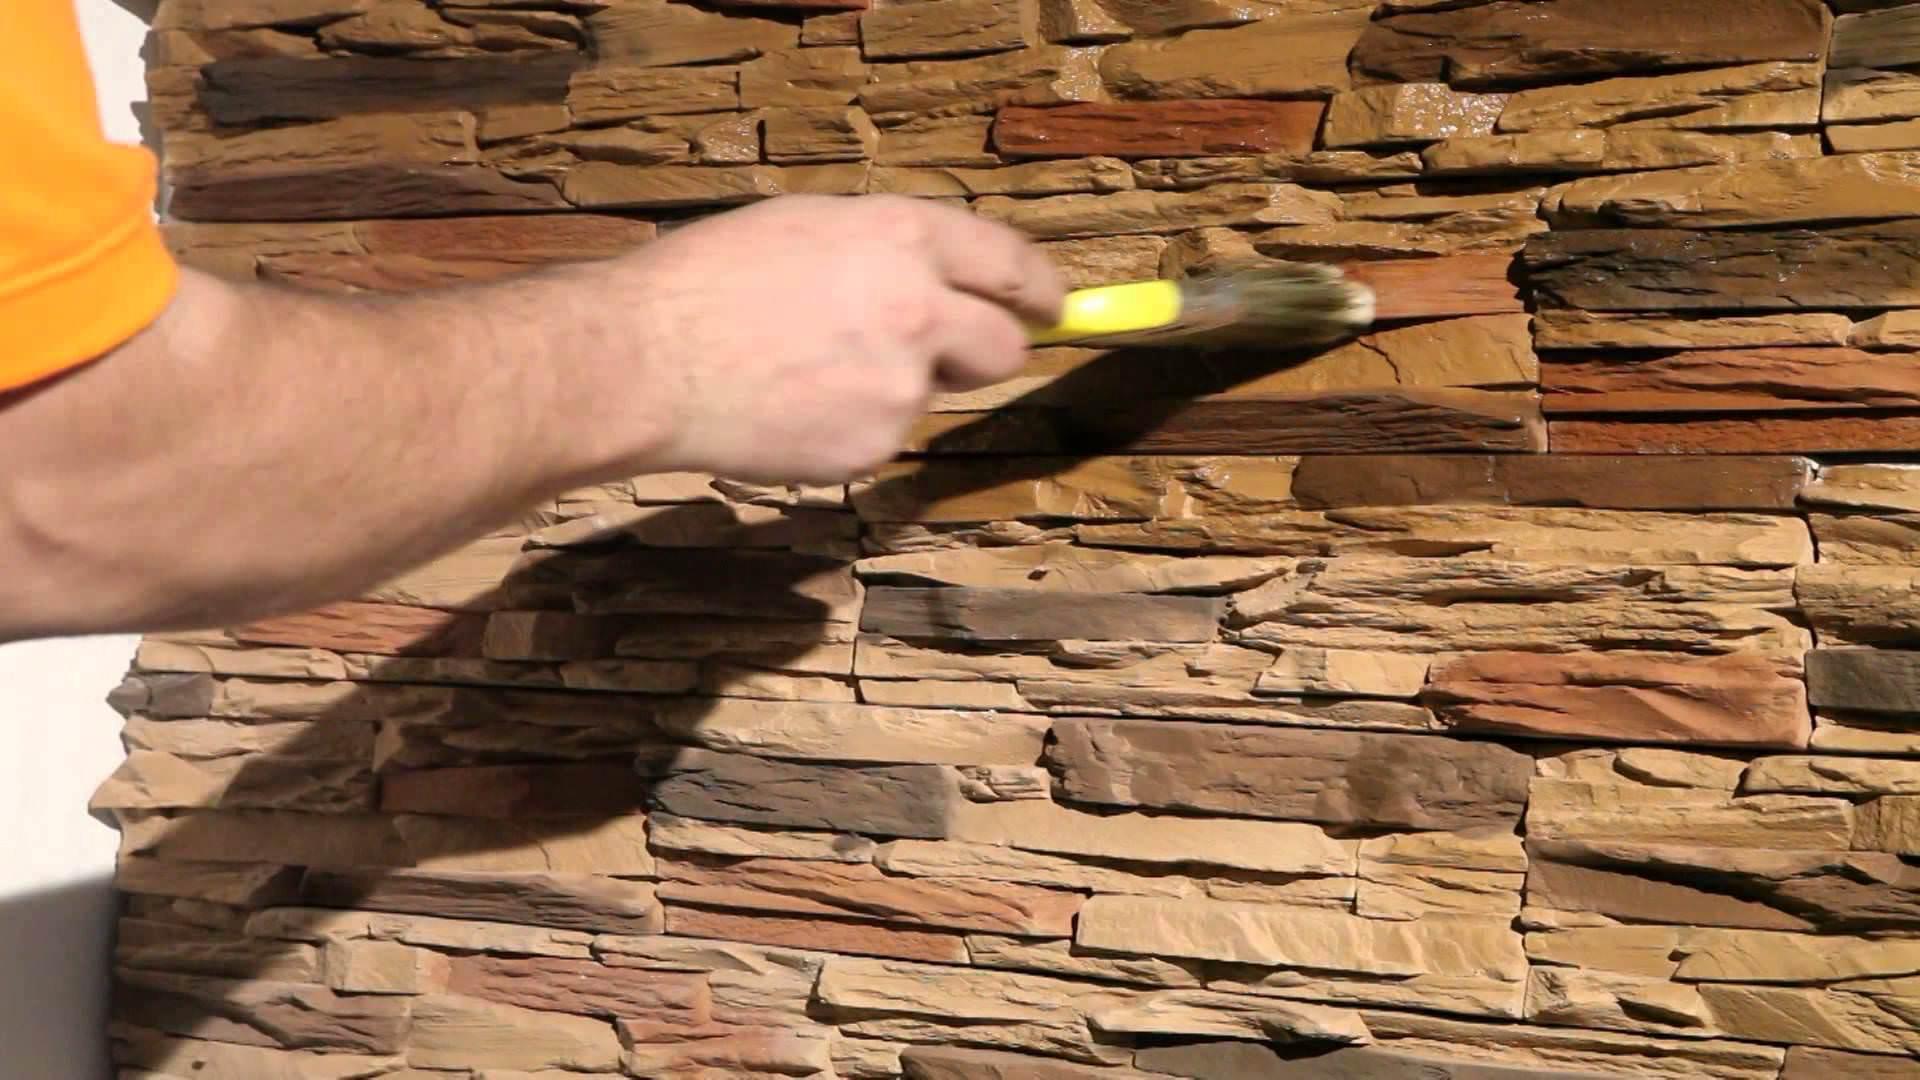 Что лучше лак или воск для декоративного кирпича краски для потолка по гипсокартону